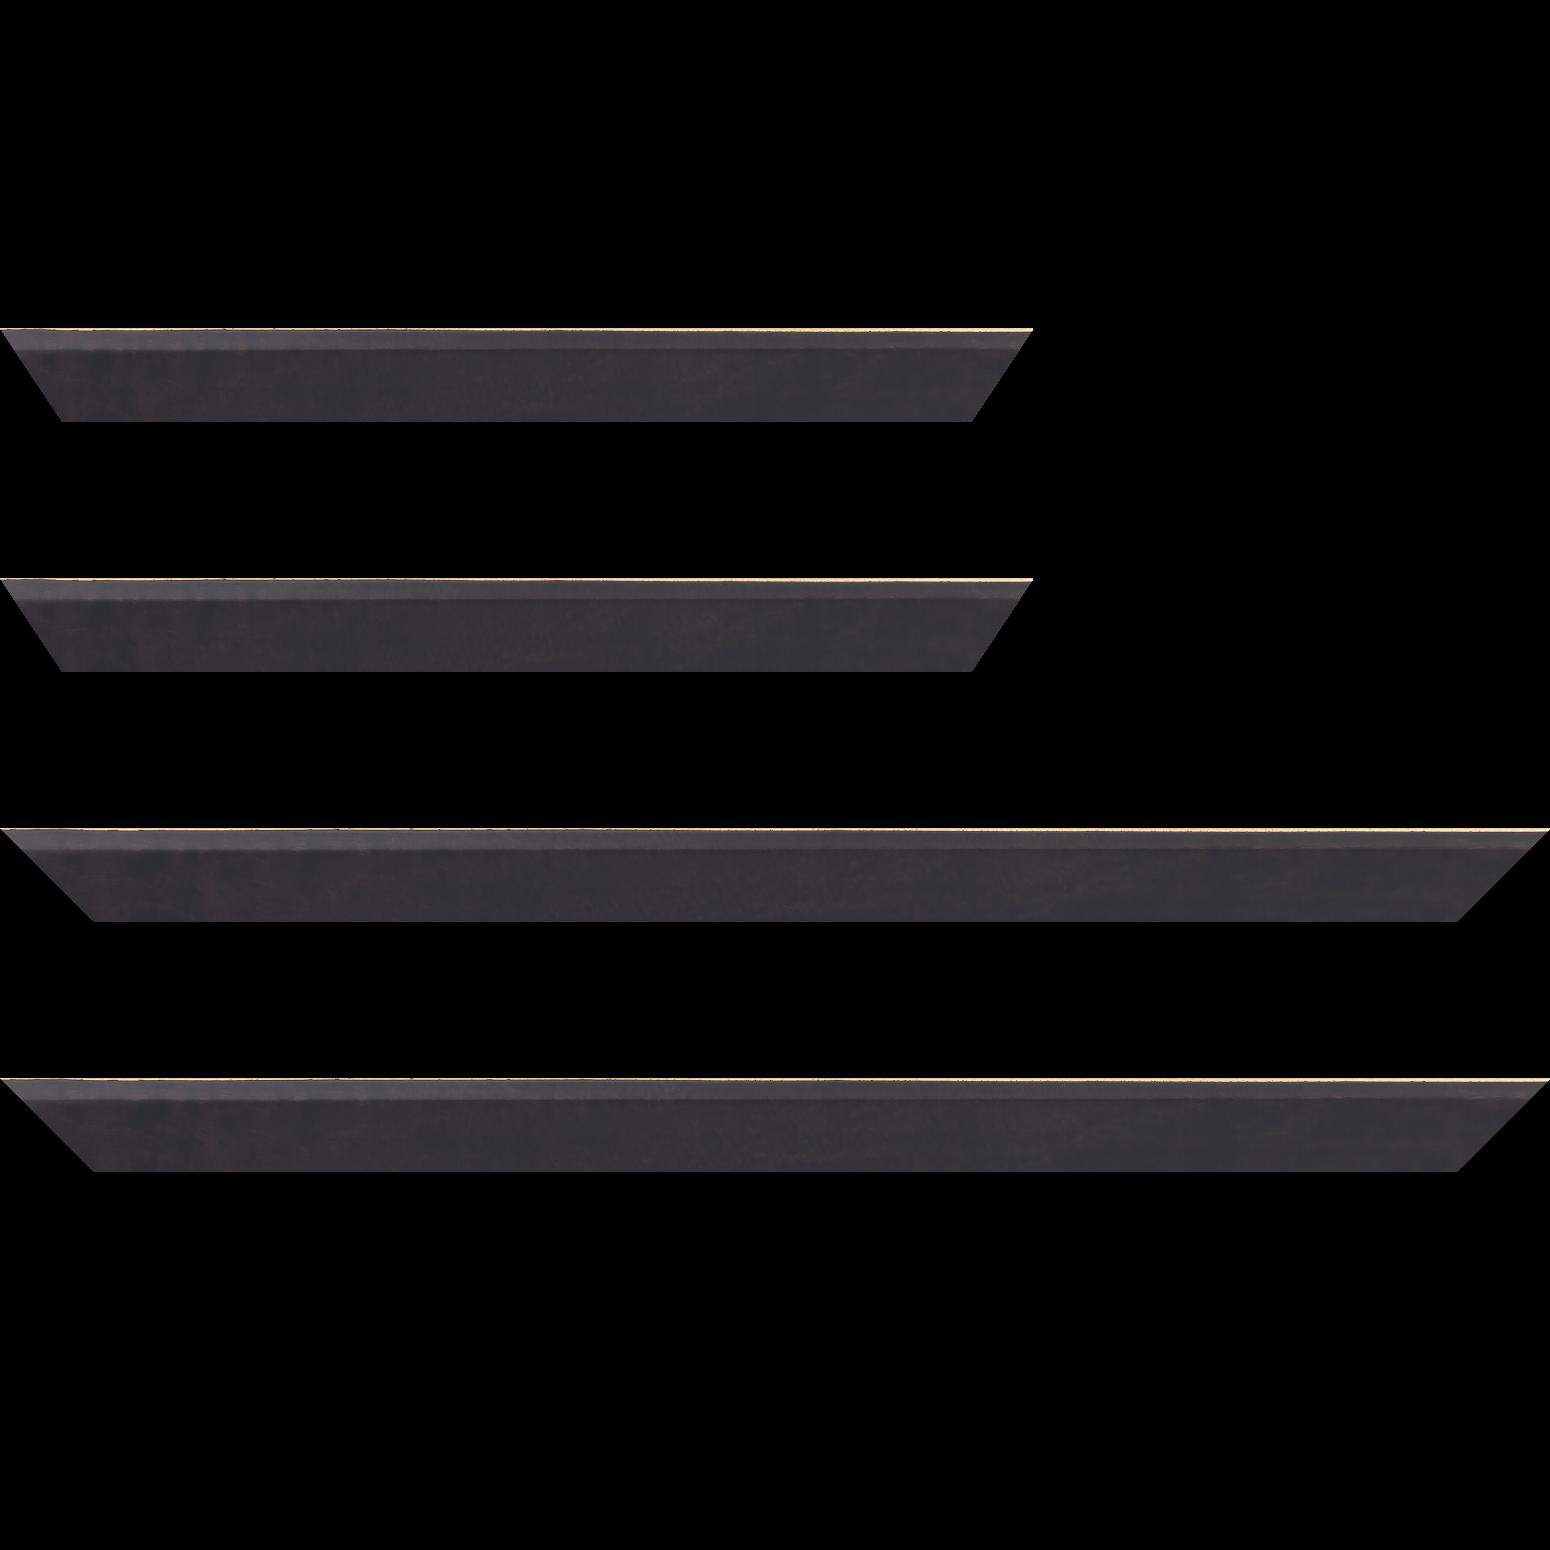 Baguette service précoupé Bois profil plat escalier largeur 3cm couleur chocolat satiné filet créme extérieur